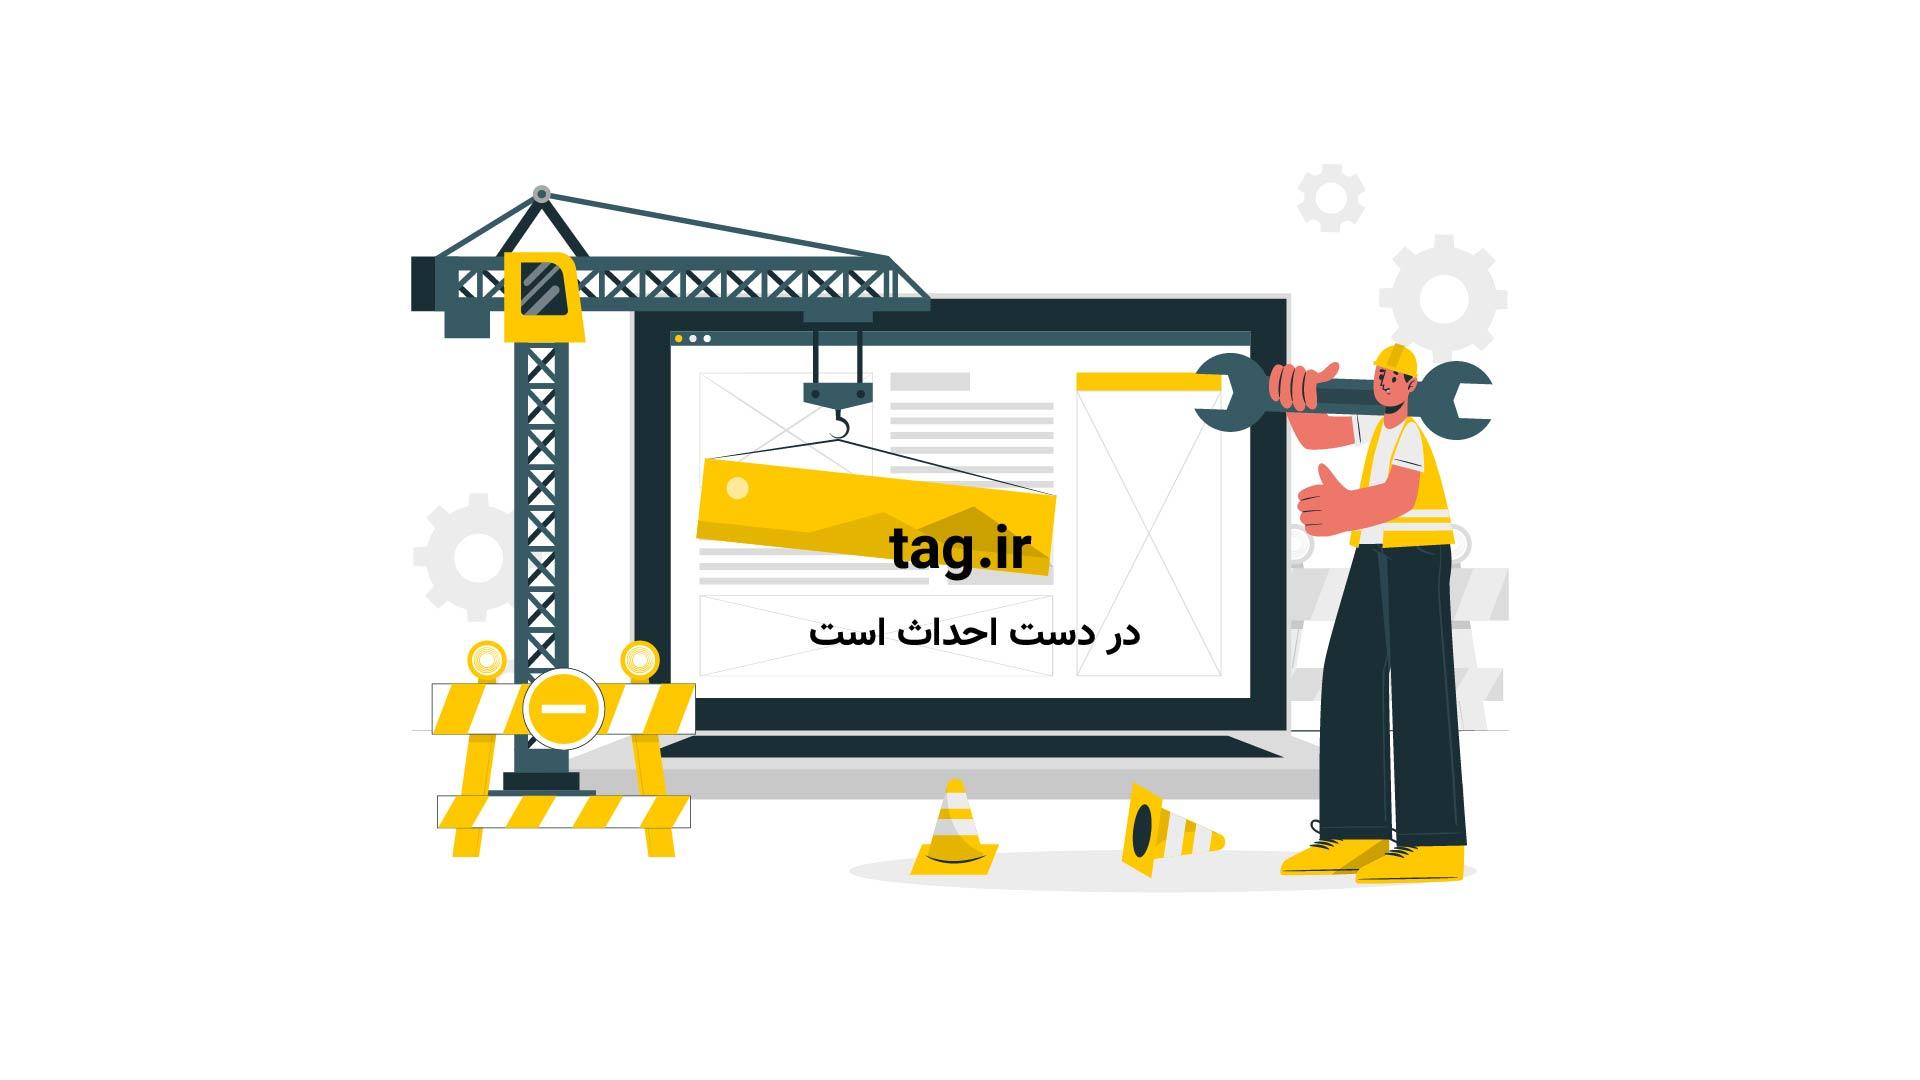 مهاجرت گلهی دیپلودوکوسها؛ دایناسورهای گیاهخوار عظیمالجثه | فیلم